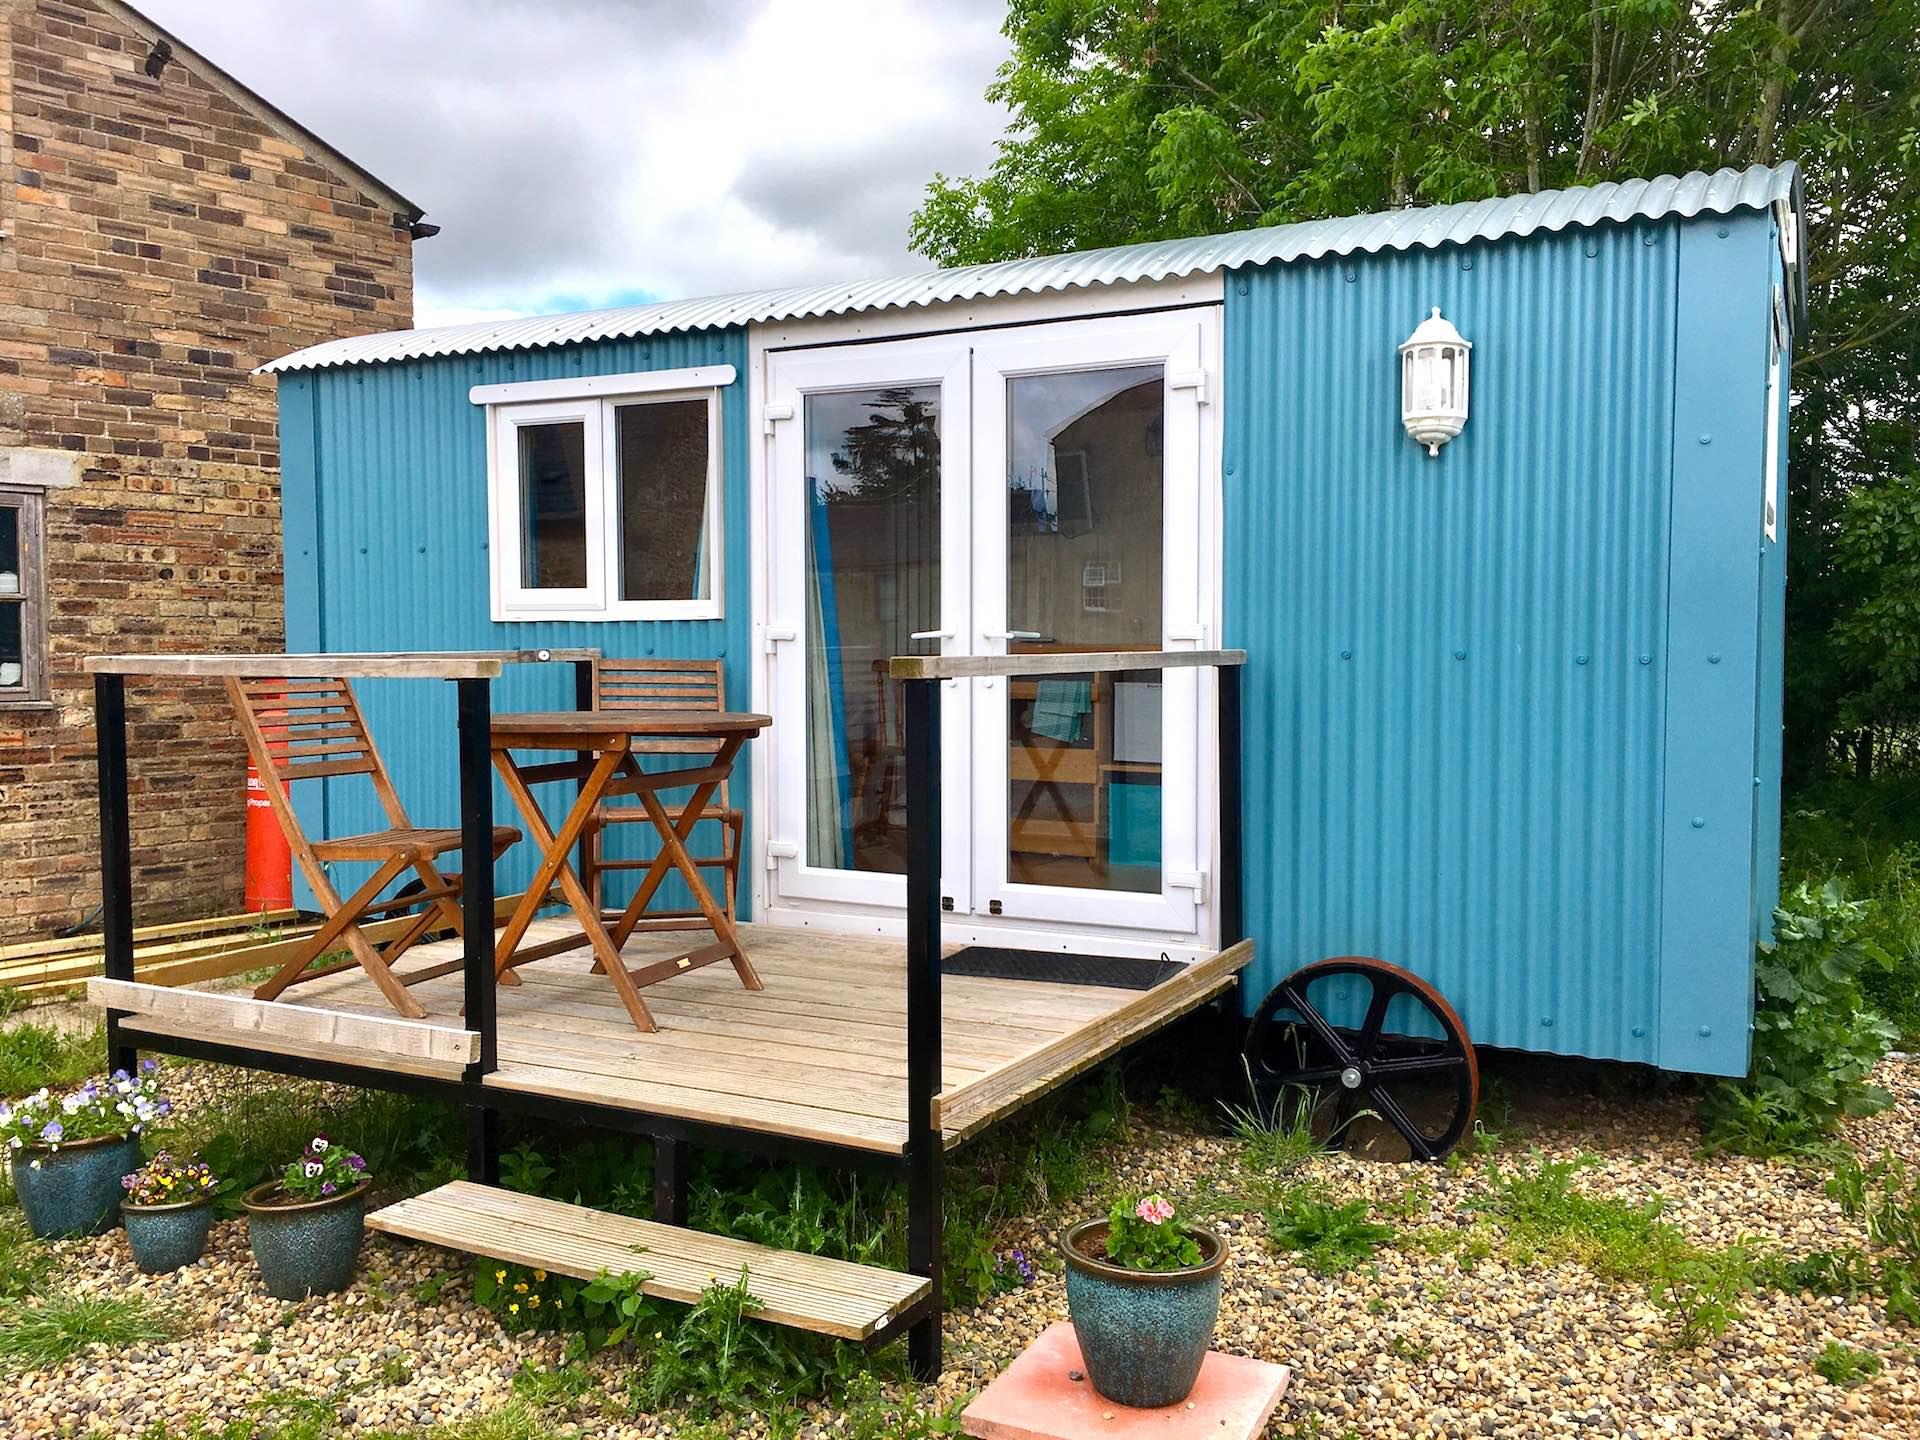 dog-friendly accommodation